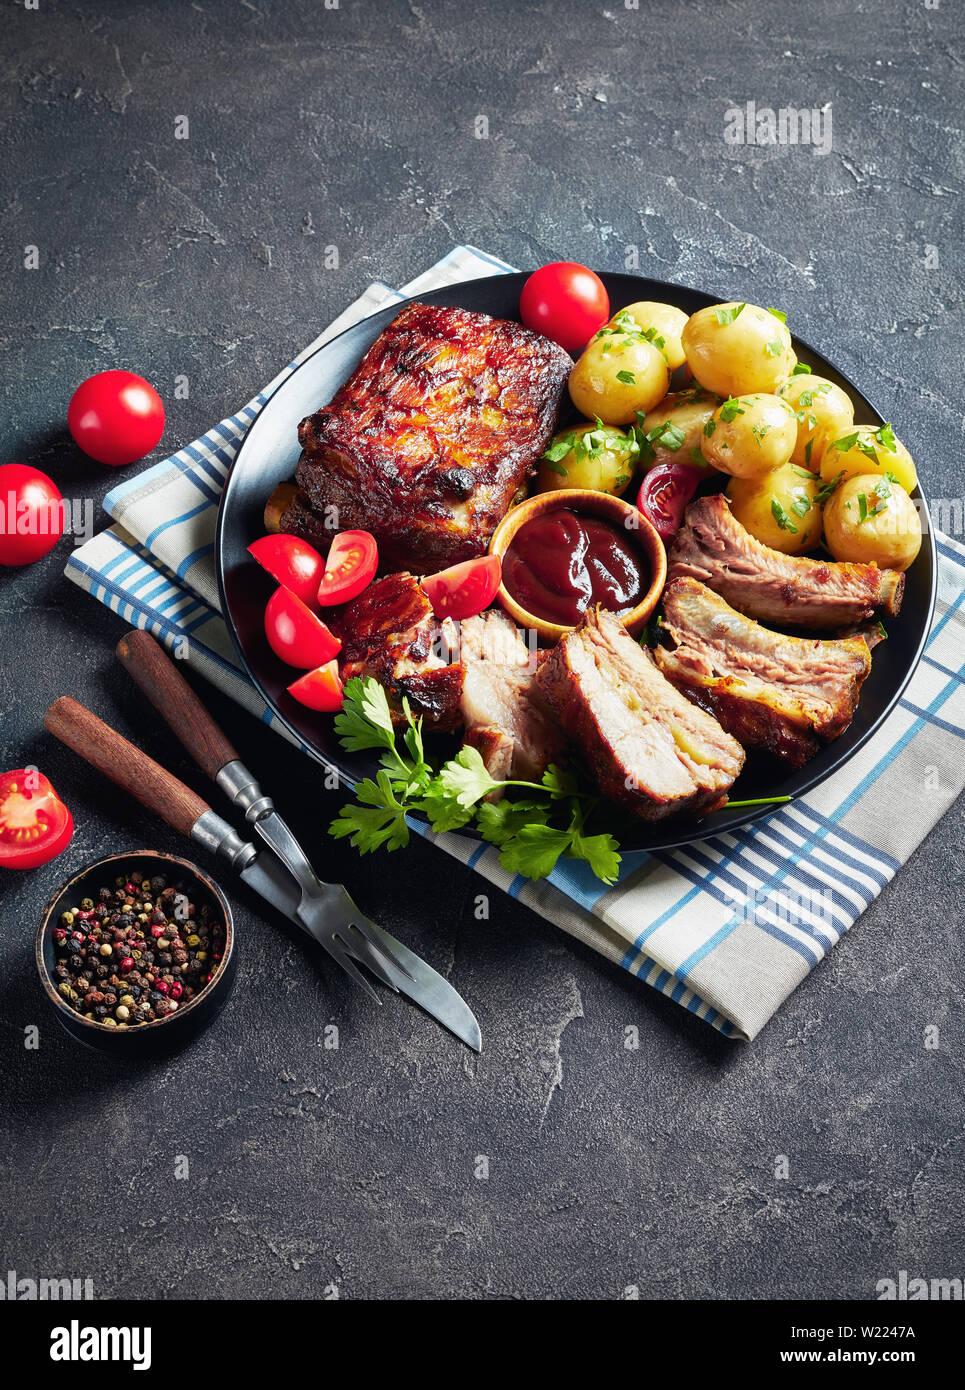 Côtes de porc grillées recouvertes de sauce barbecue servi avec des tomates et de l'eau chaude les pommes de terre servies sur un plateau noir sur une table, vue verticale Banque D'Images